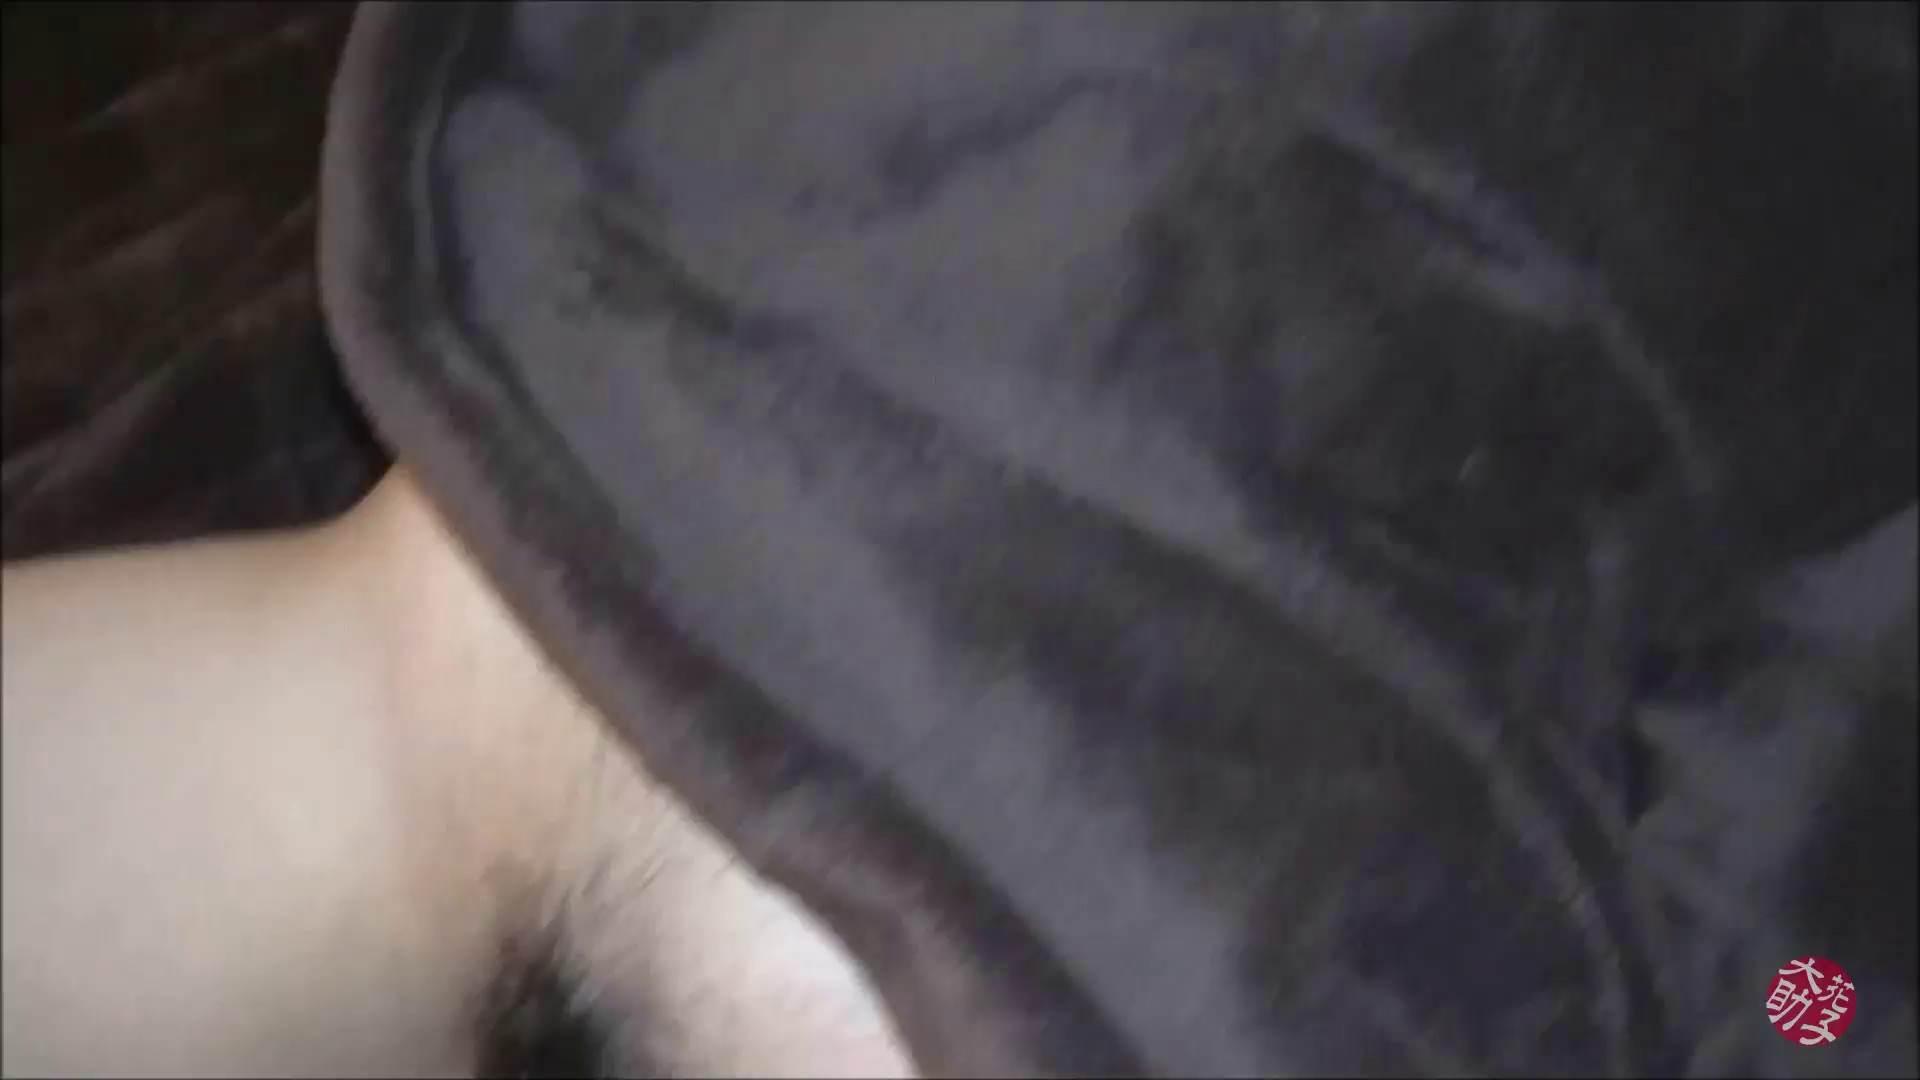 【未公開】vol.110 {黒髪Fカップ炉利}フミカちゃん① 丸見え AV動画キャプチャ 81枚 75